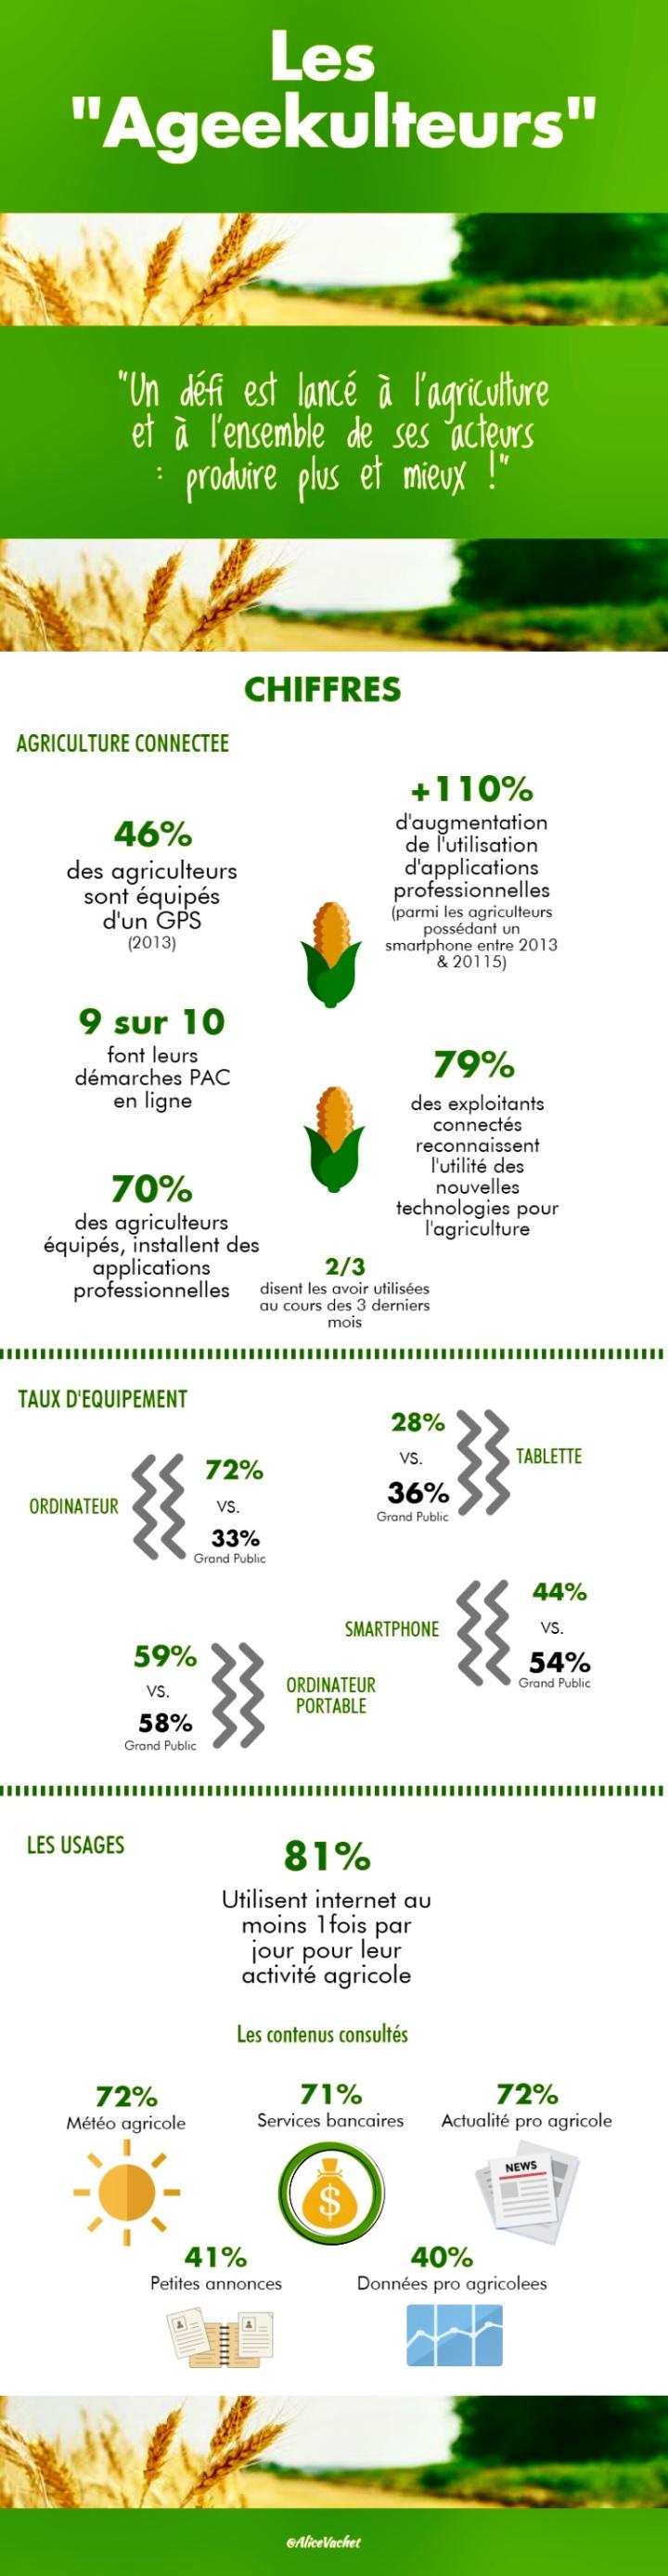 [Infographie] Les «Ageekulteurs» 🌾